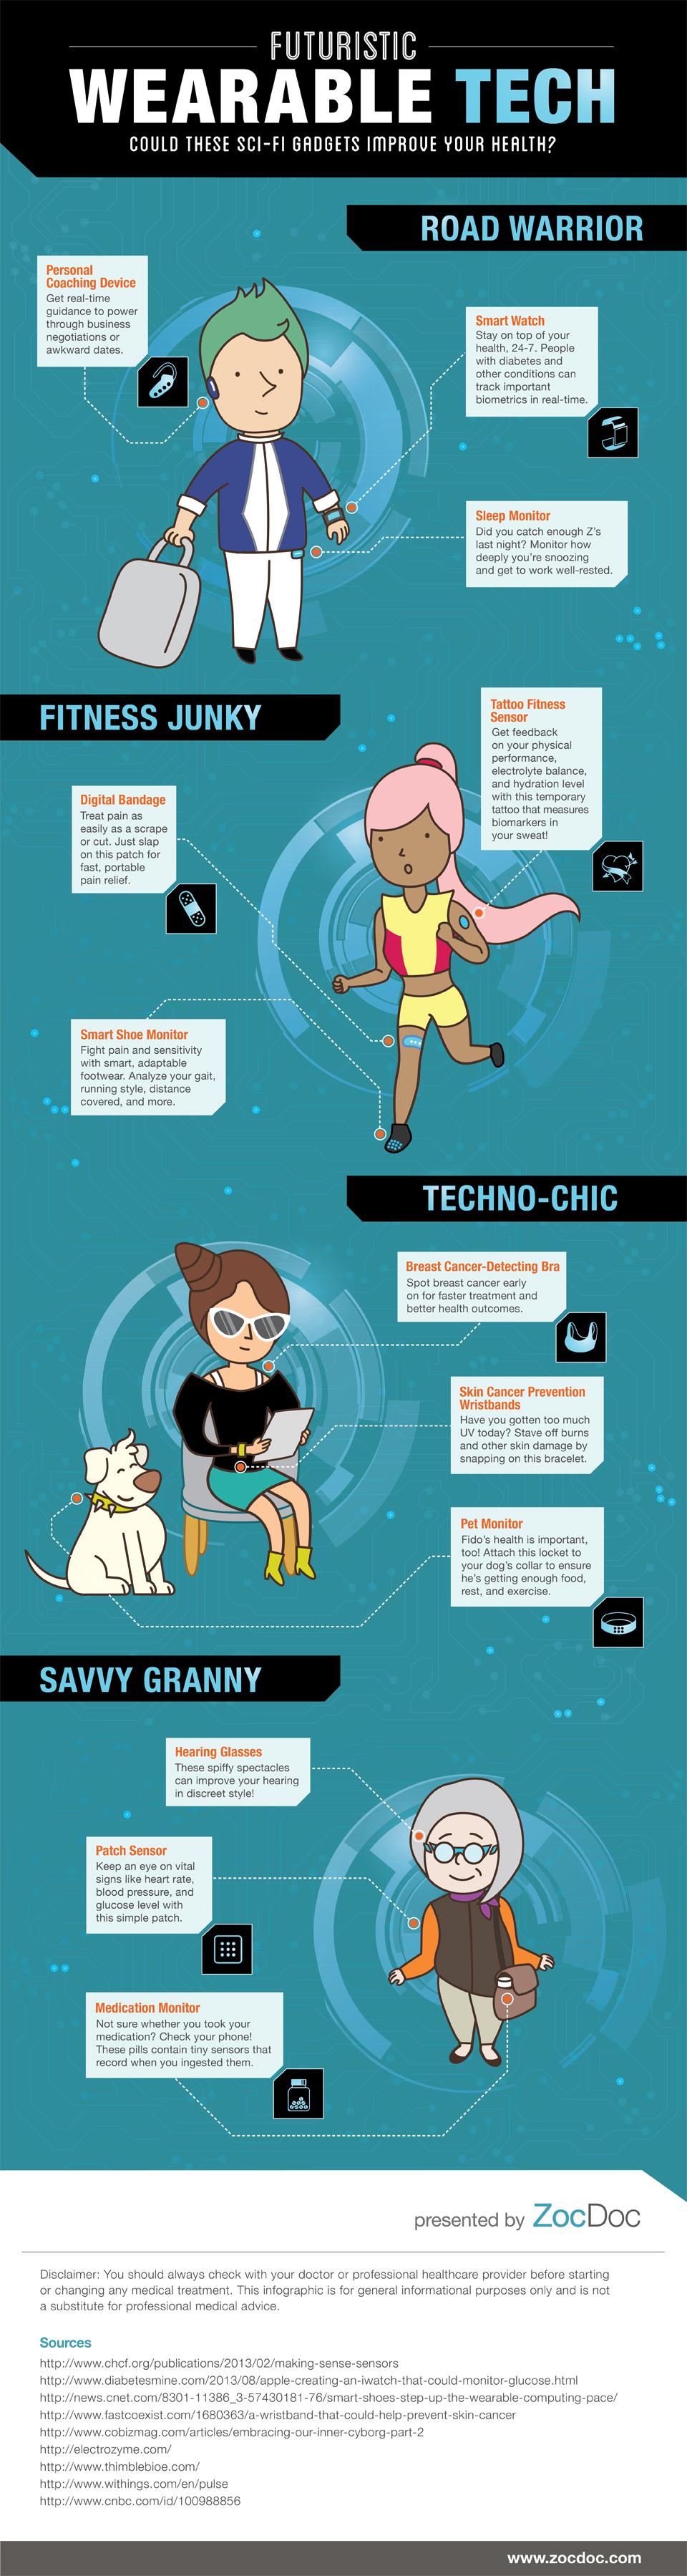 tecnología wearable apps salud